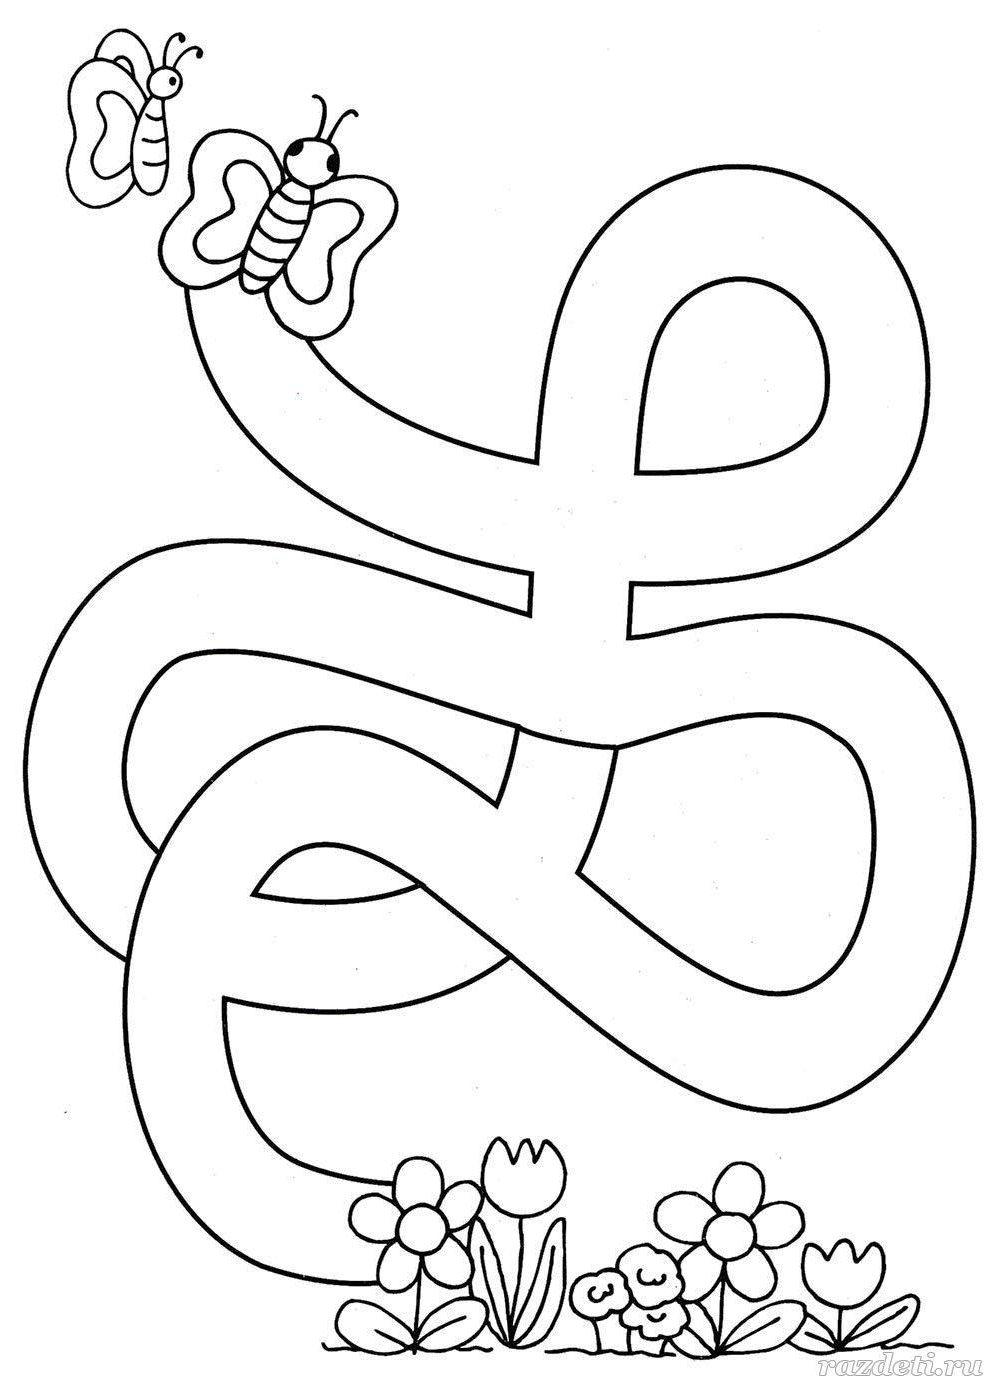 Могу нарисовать детские лабиринты